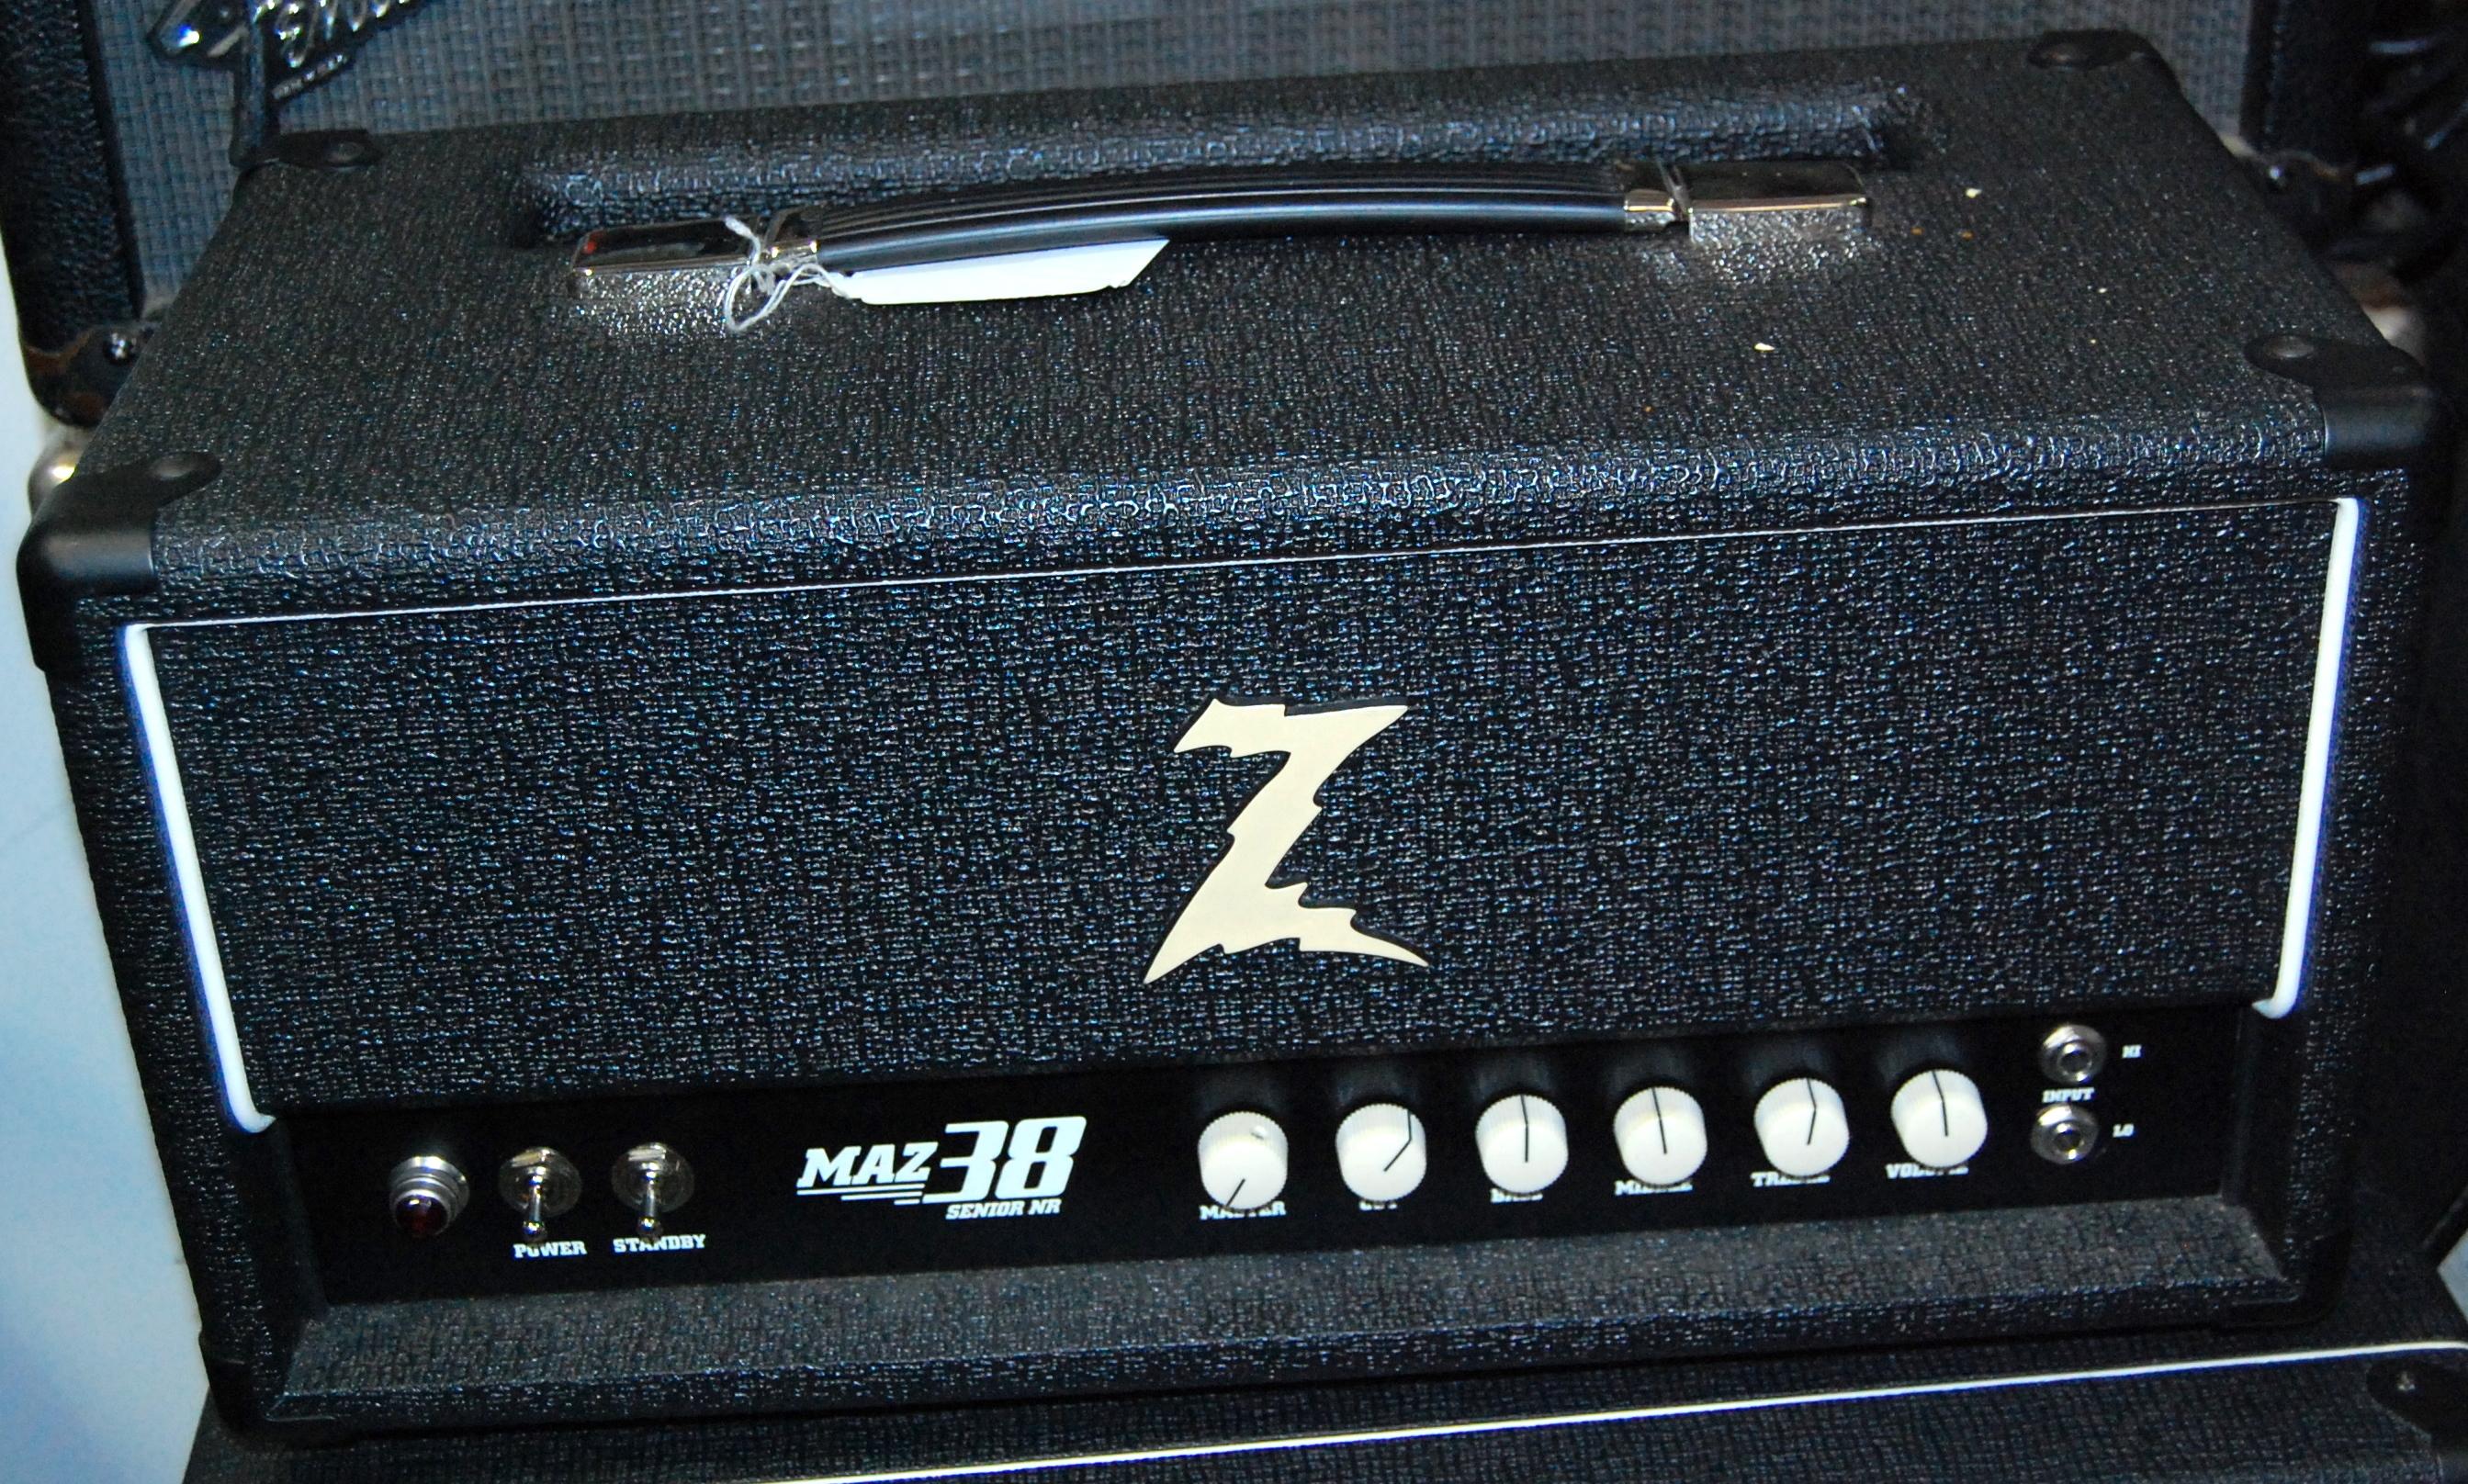 DR. Z MAZ 38 SENIOR NR Tube Guitar Amplifier Amp Head